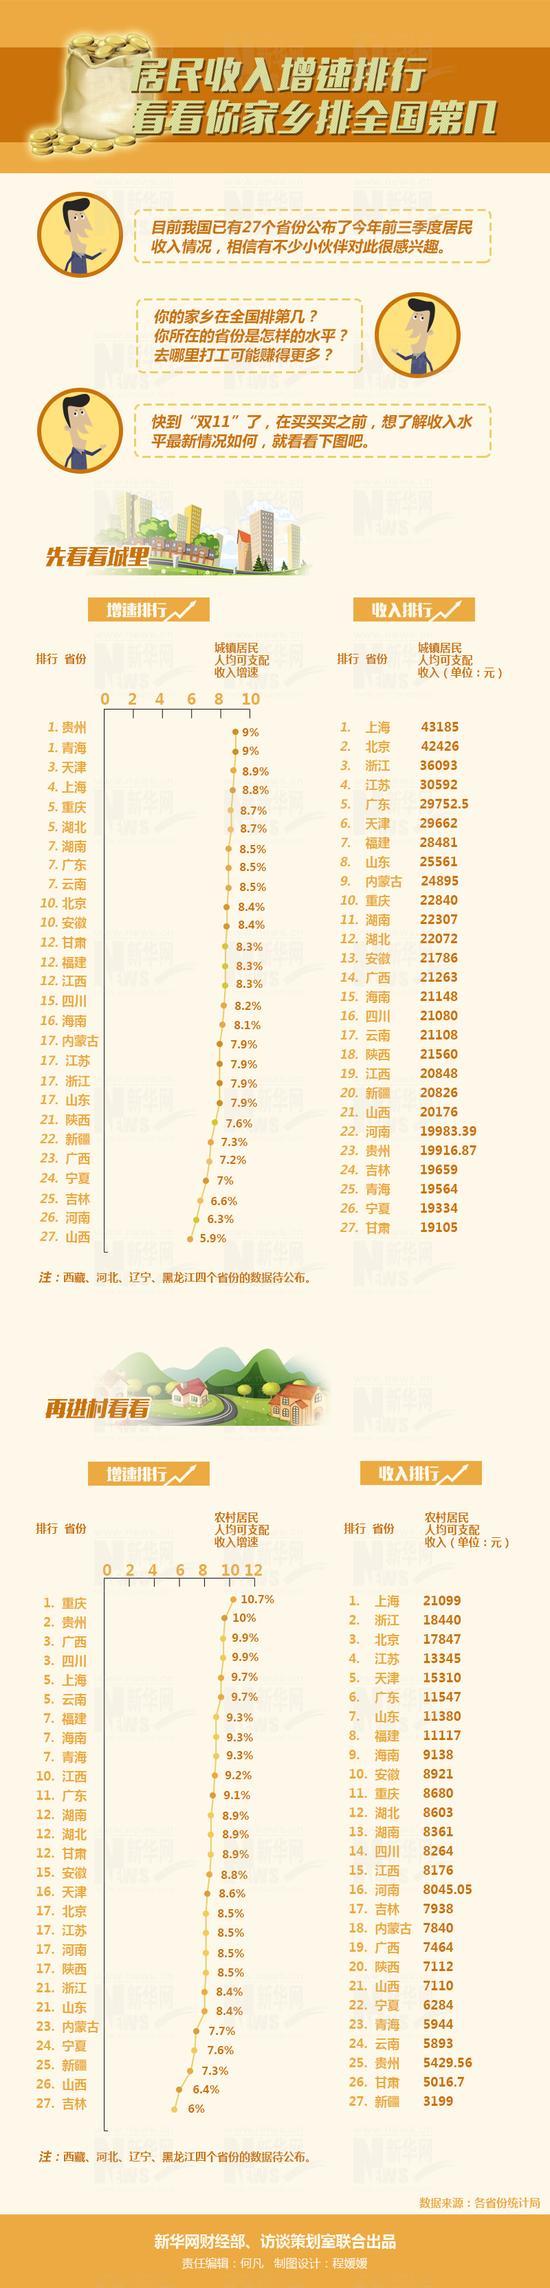 27省份居民收入排行榜出炉:京沪浙排名前三